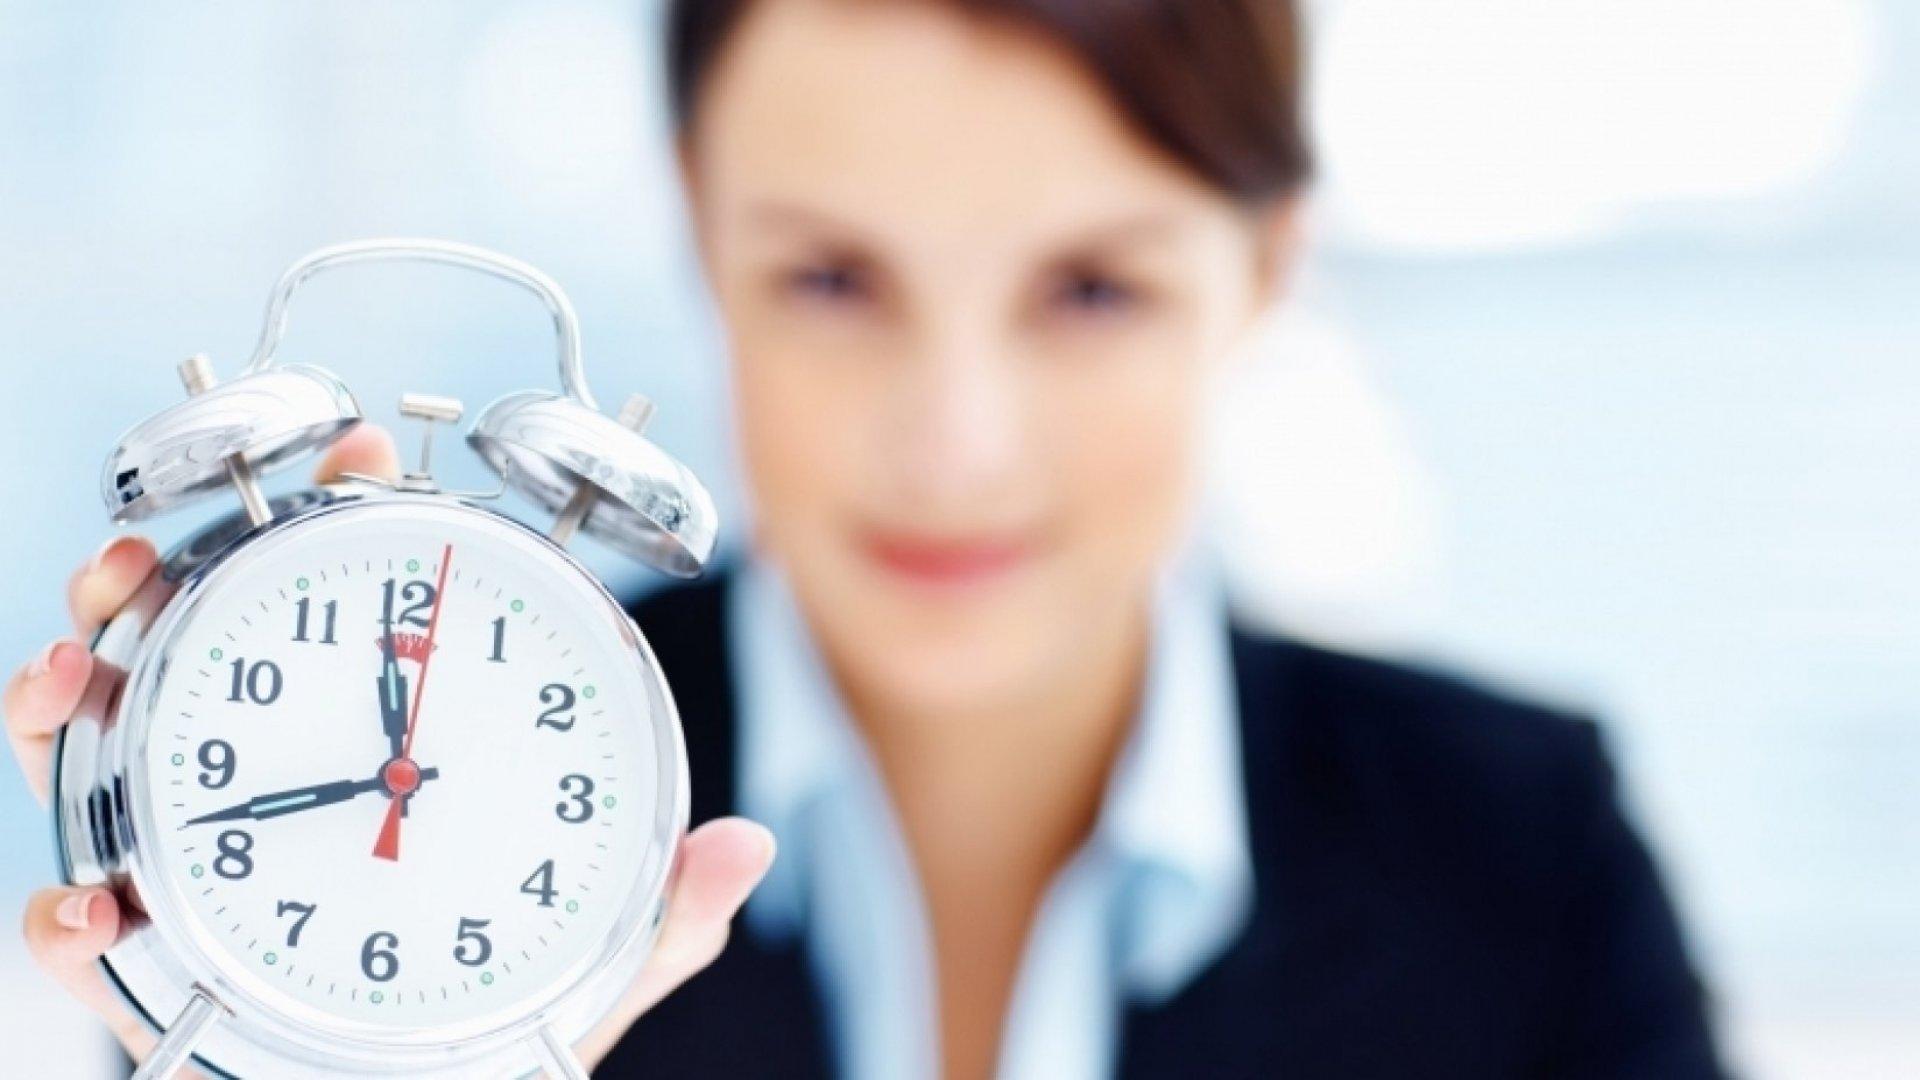 НСЕОП алармира за несъответствия със закона при посочване на срок за подаване на оферти за поръчки в ЦАИС ЕОП